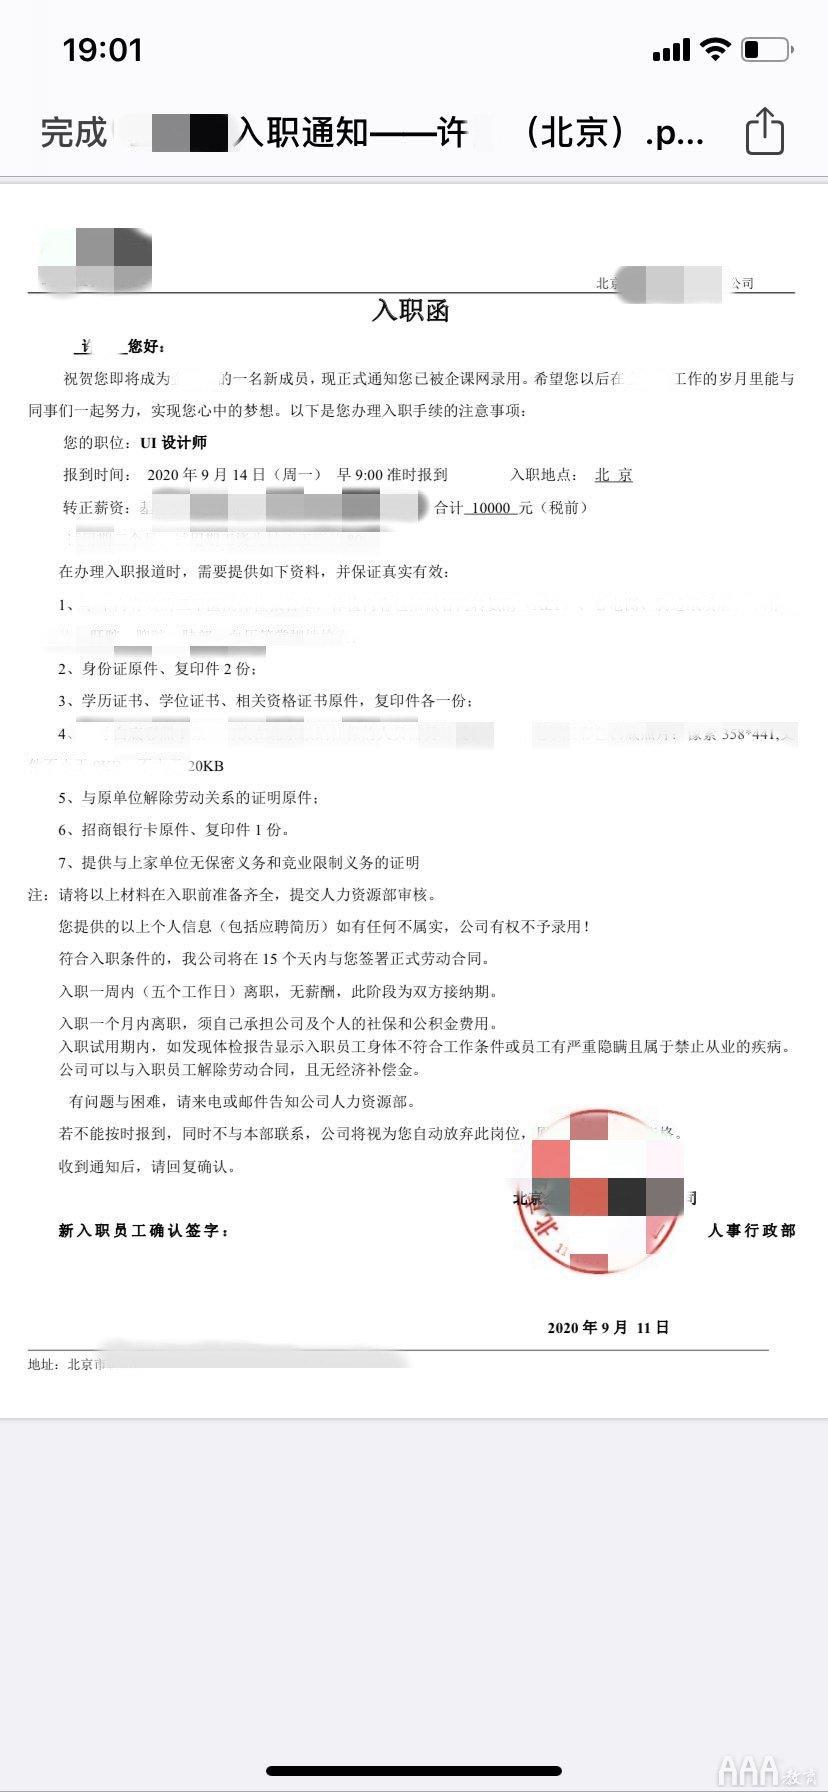 恭喜UI设计130班许同学喜提offer10000元